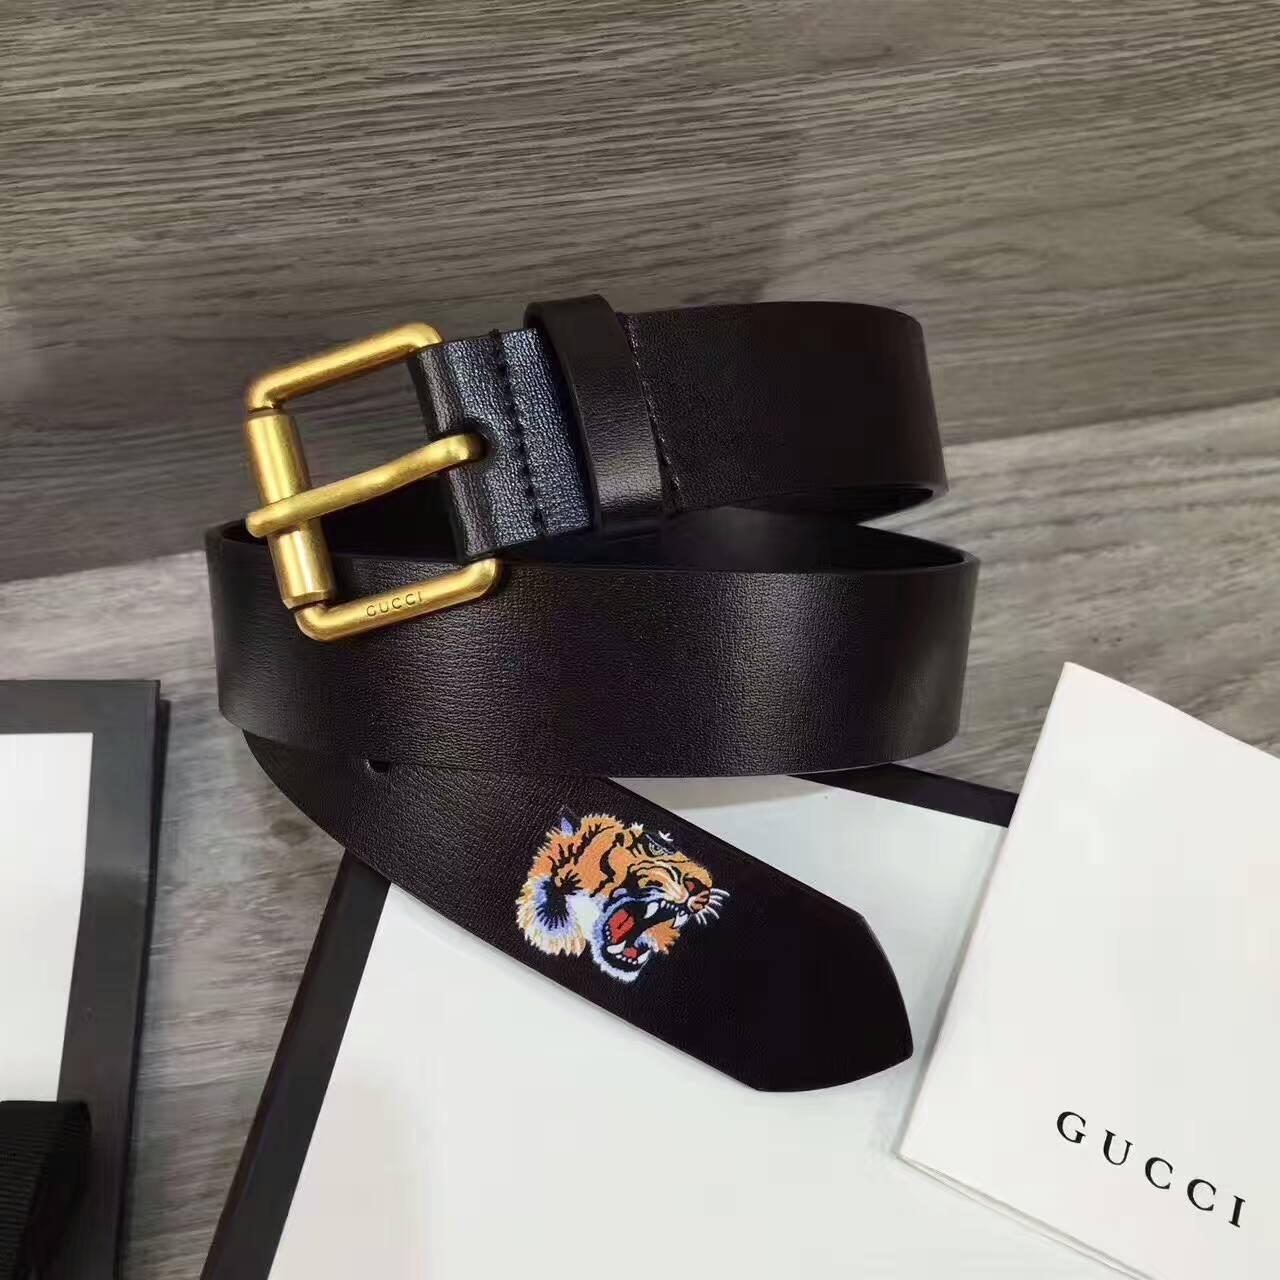 Gucci Việt Nam - Đại lý phân phối dây lưng Gucci giá tốt nhất Việt Nam